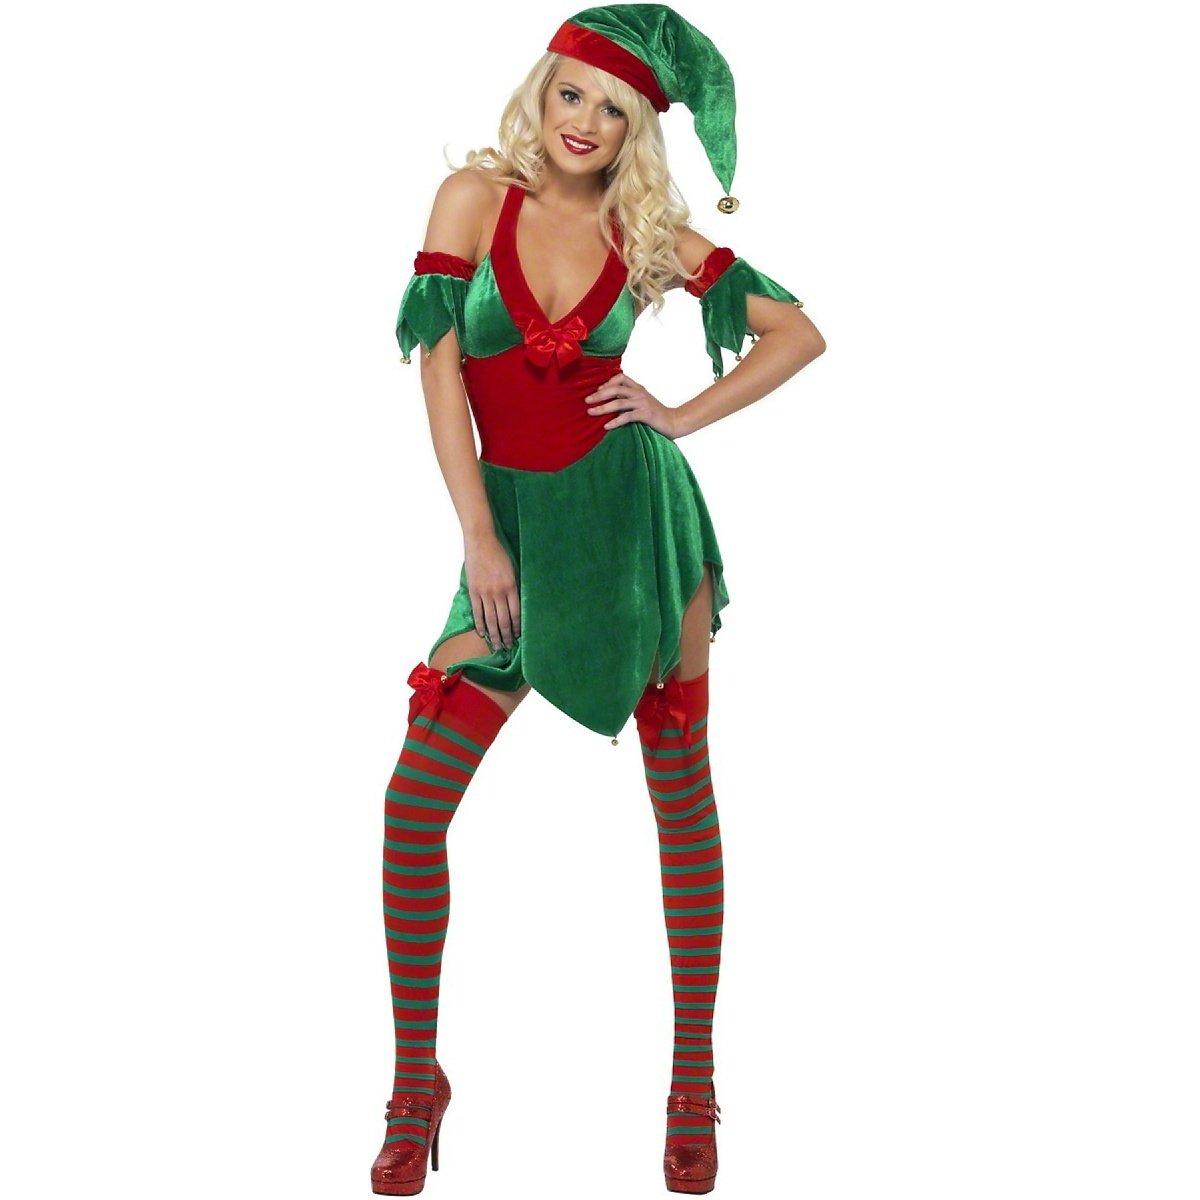 Größe 8-10, Ladies -  Größe 8-10 Sexy Wichtelkostüm Weihnachten für Damen - S